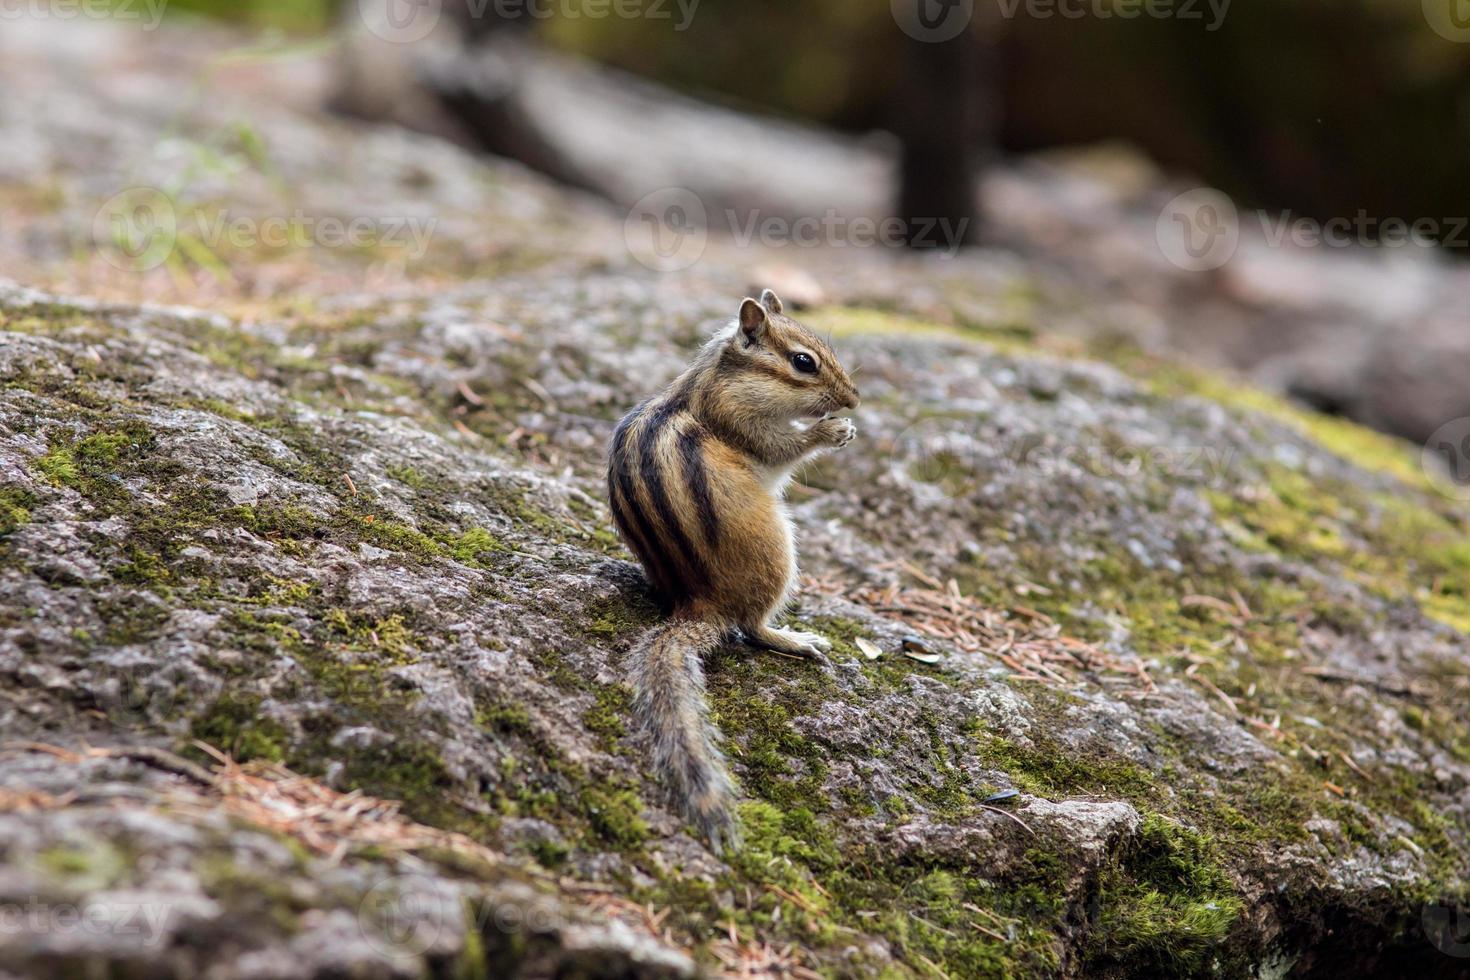 esquilo comendo comida da palma de um ser humano foto